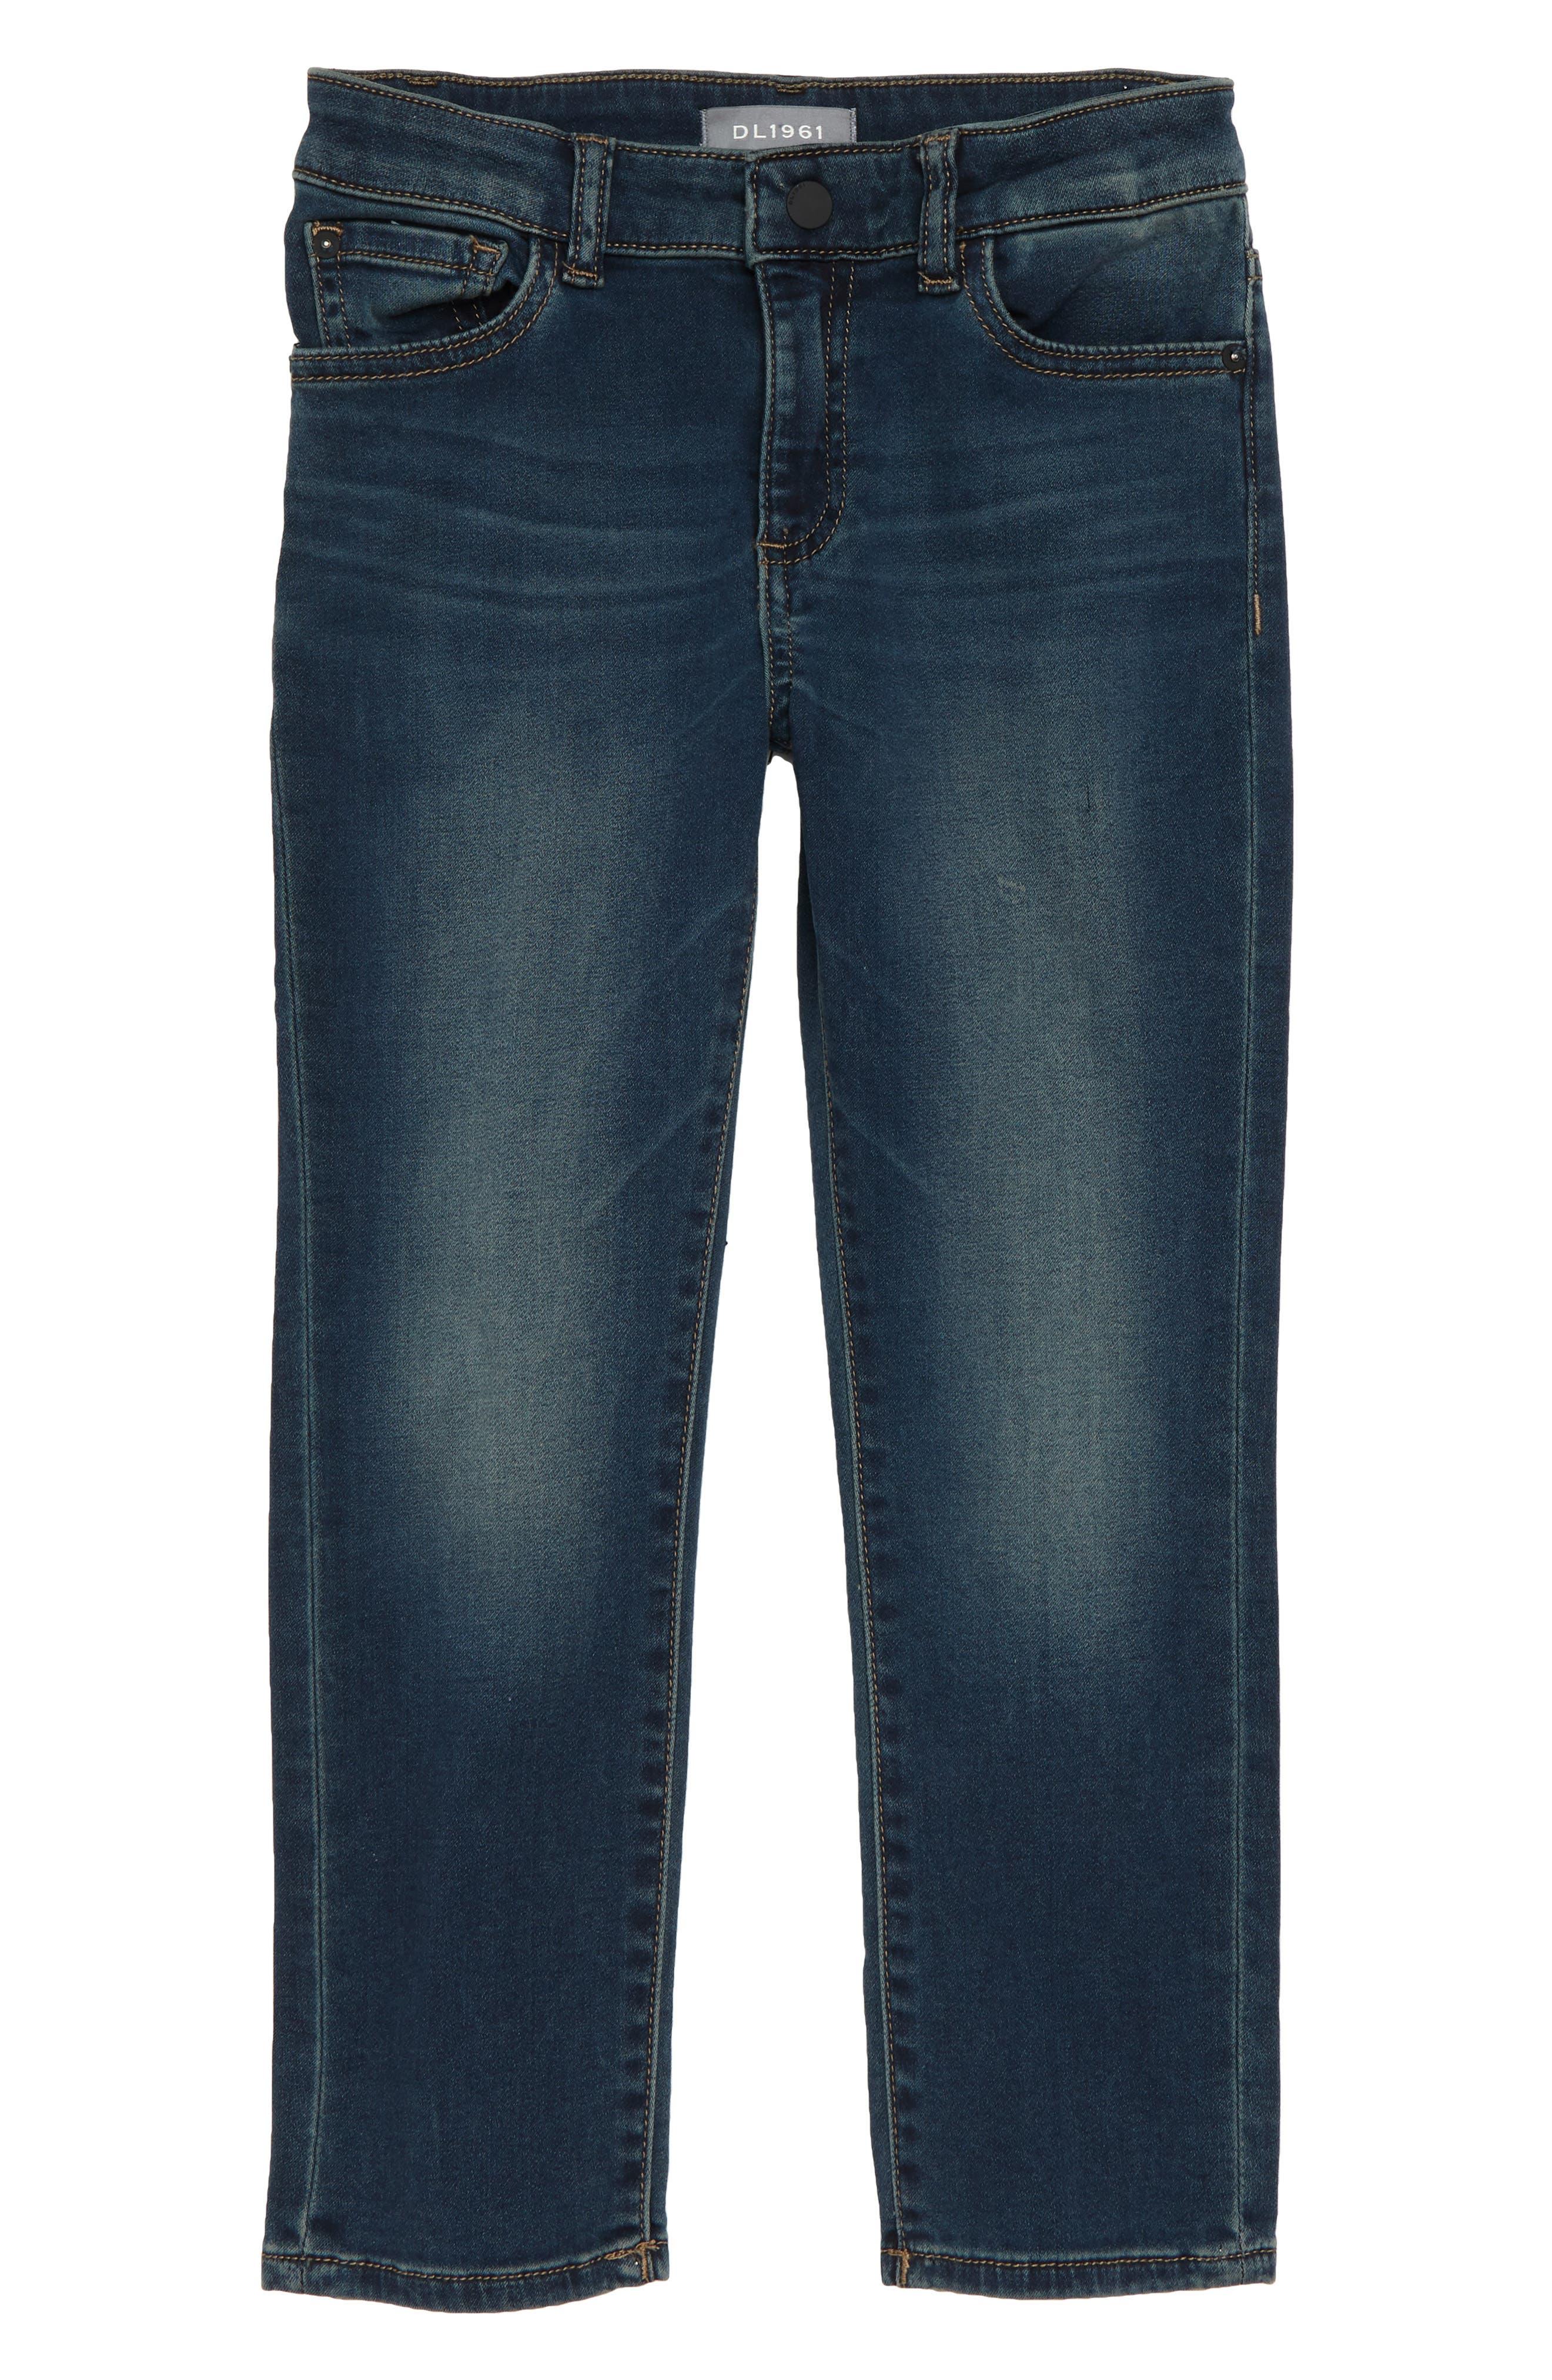 Brady Slim Fit Jeans,                         Main,                         color, 405